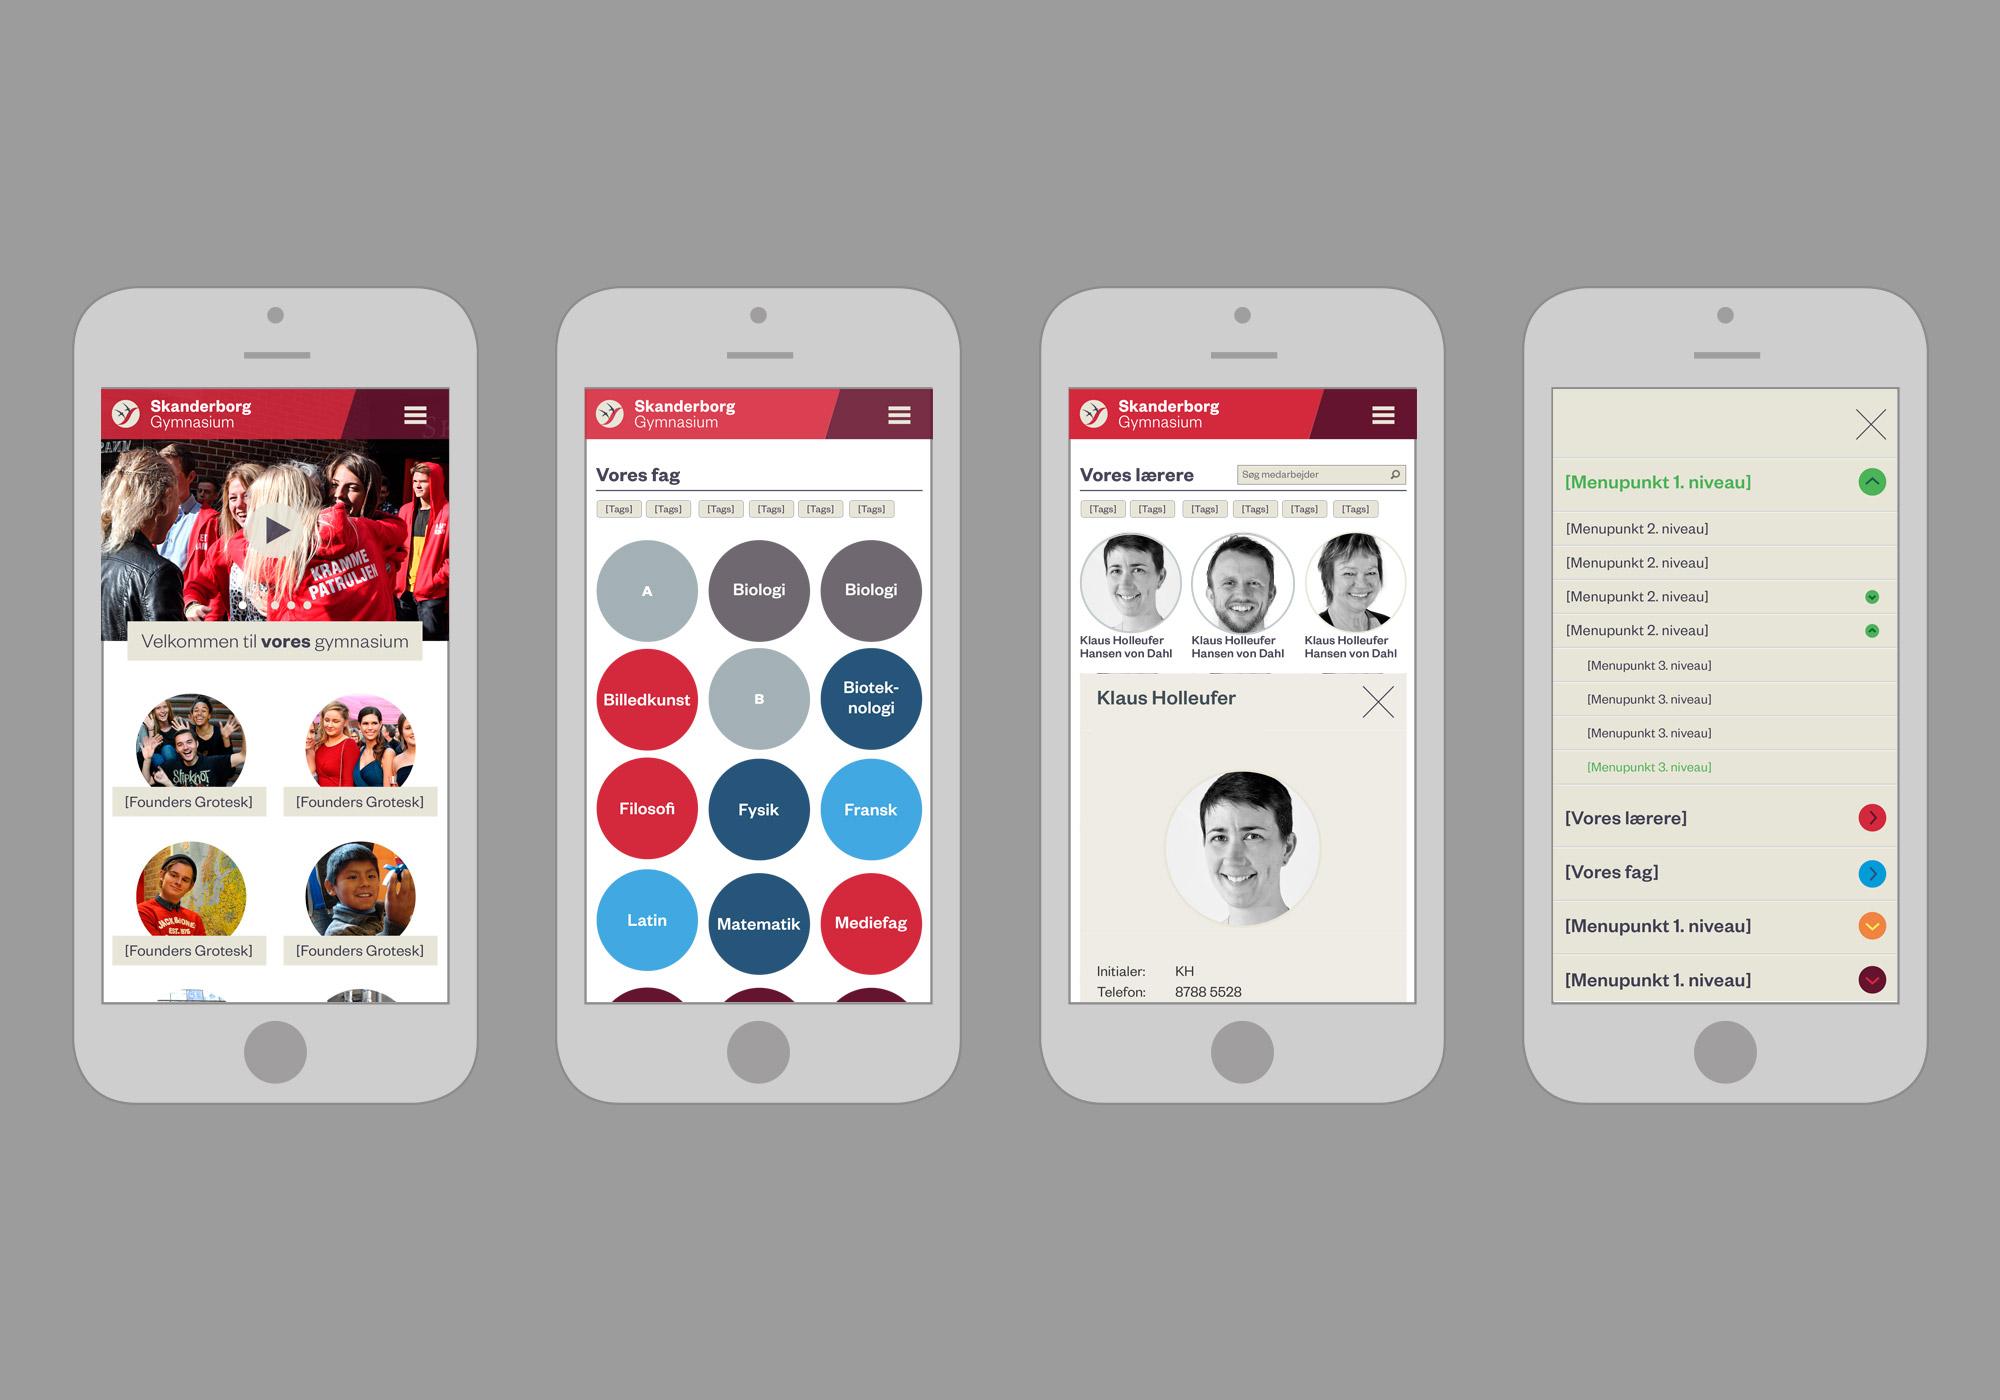 SKNBRG-iphones.jpg